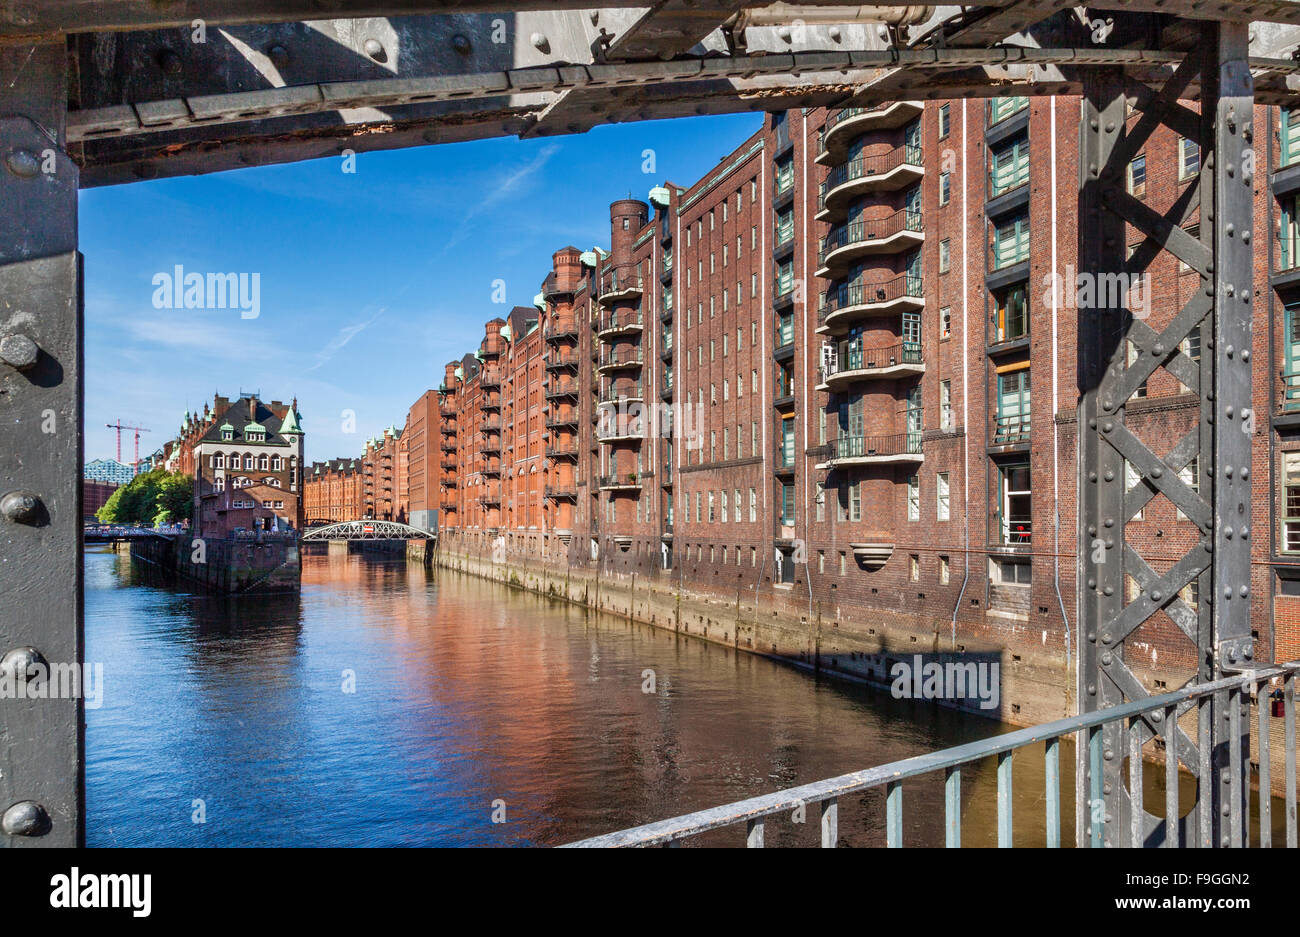 Germania, Città Libera e Anseatica di Amburgo, la neogotica di mattoni rossi e i magazzini della Speicherstadt a Foto Stock